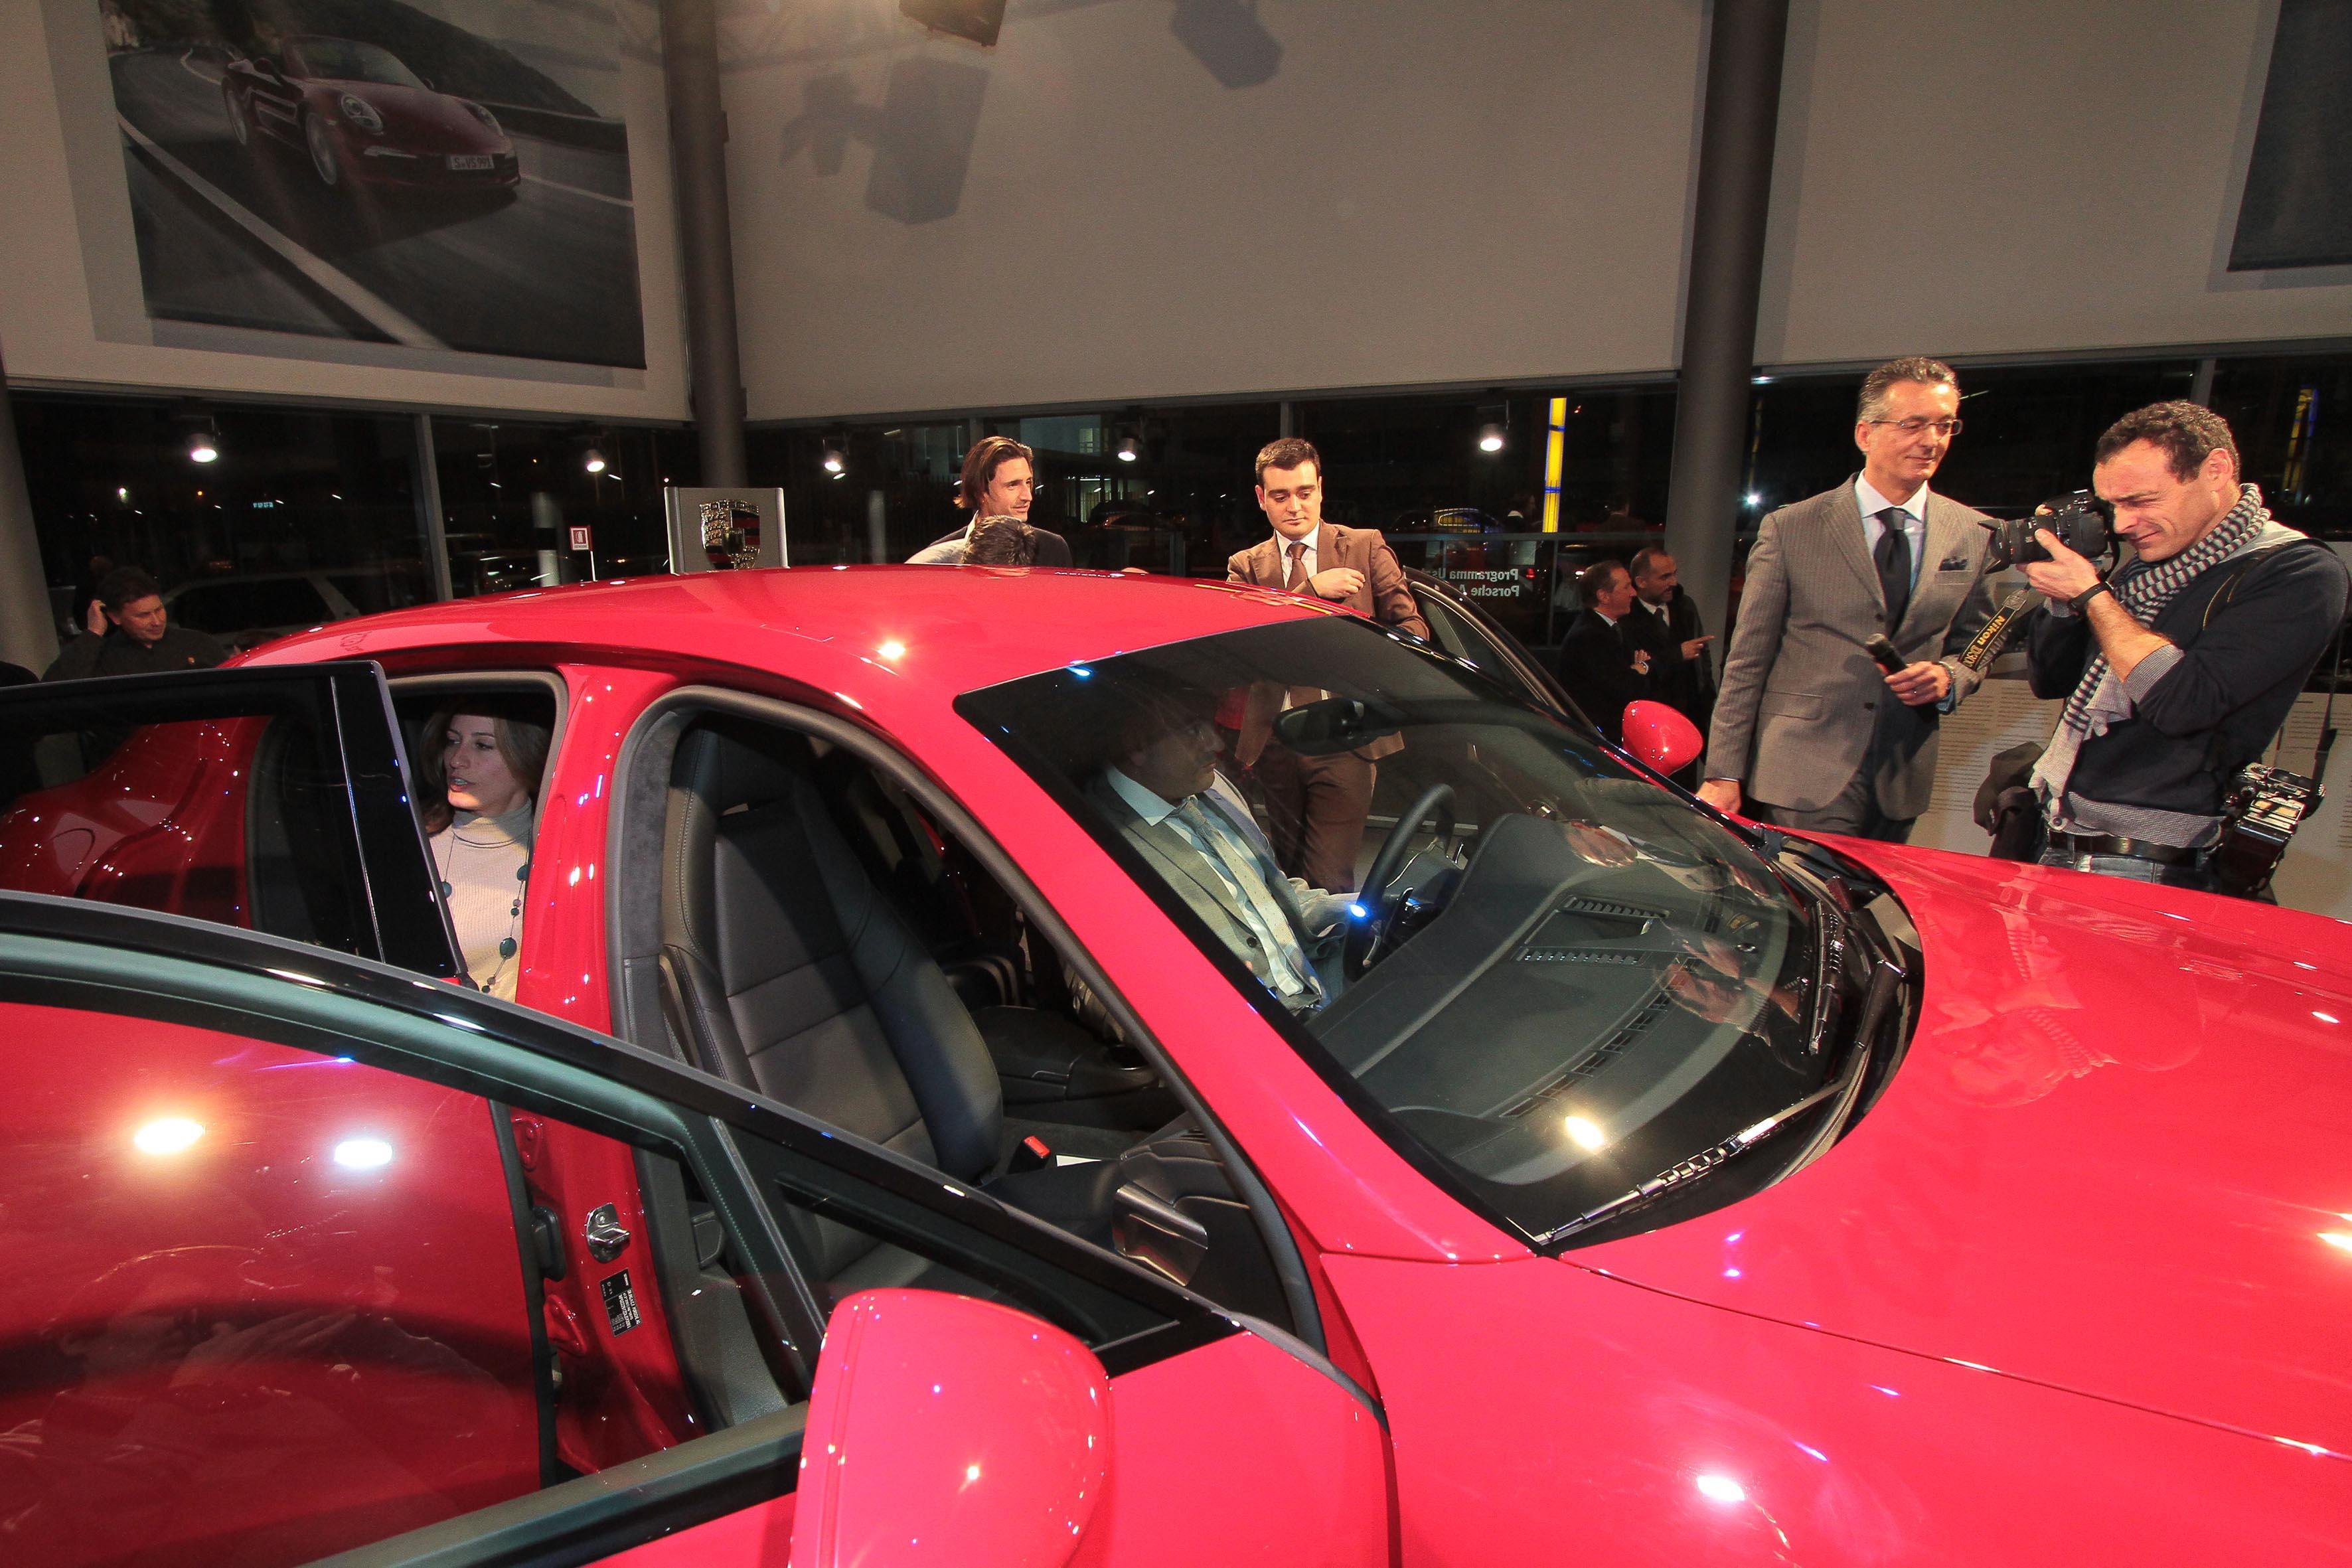 PRESSPHOTO Firenze, Centro Porsche Firenze, presentazione nuova Porsche Panamera GTS. Nella foto